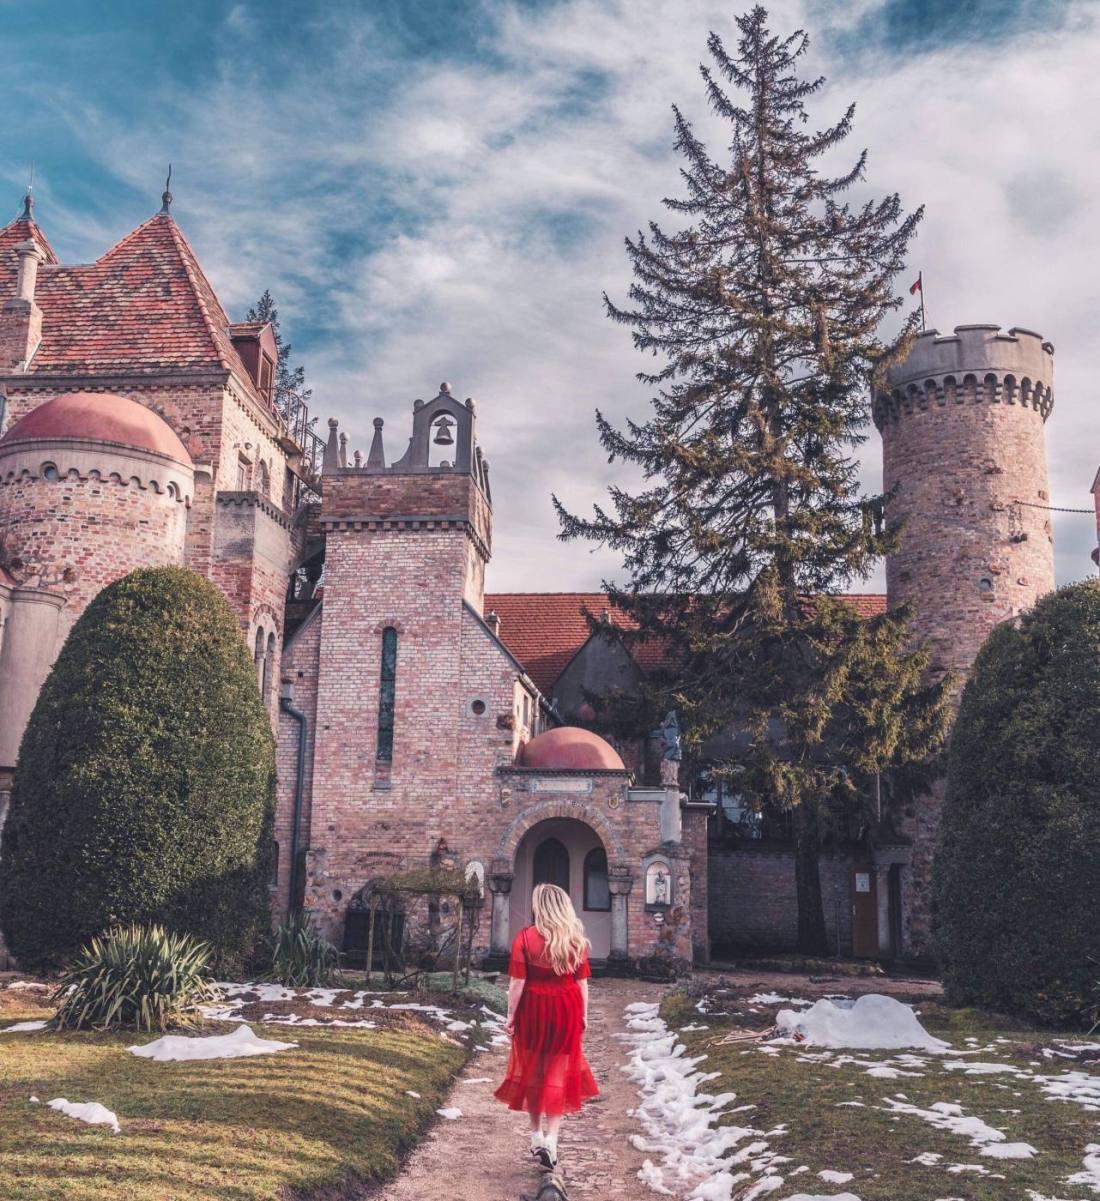 28 Hidden Gems & Unique Places in Europe You Should Visit!